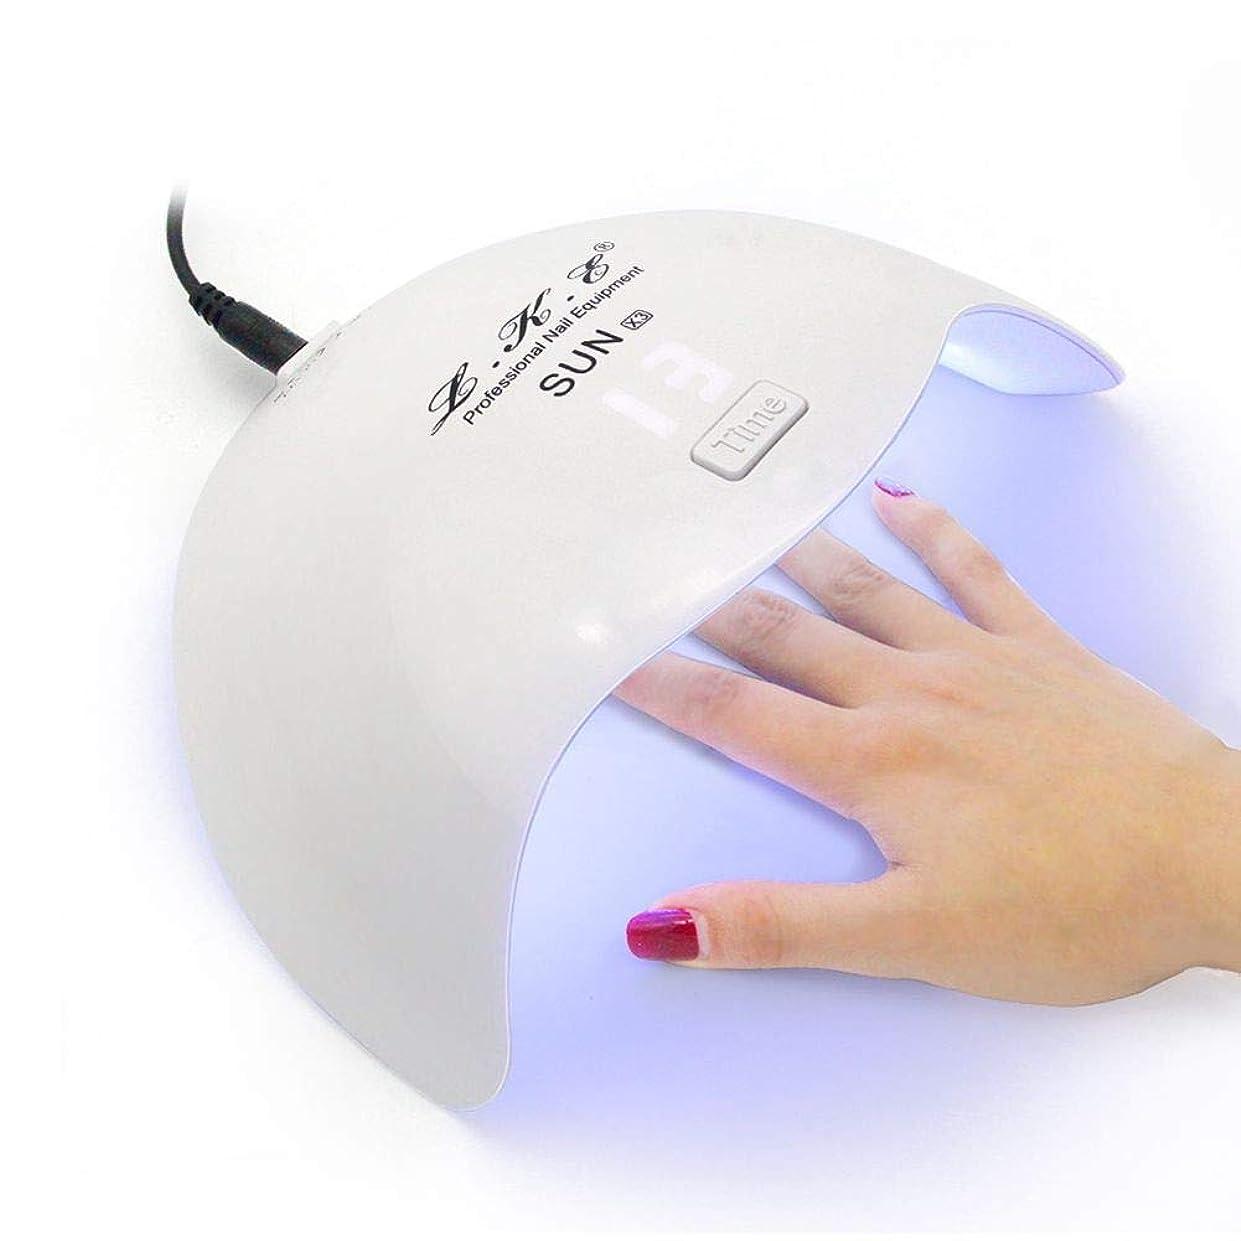 テクスチャー球体オーストラリア人ネイルドライヤーミニ24W UV LEDランプ硬化ネイルジェルポリッシュ誘導タイマーネイルアートツール家庭用機器用、絵のように色